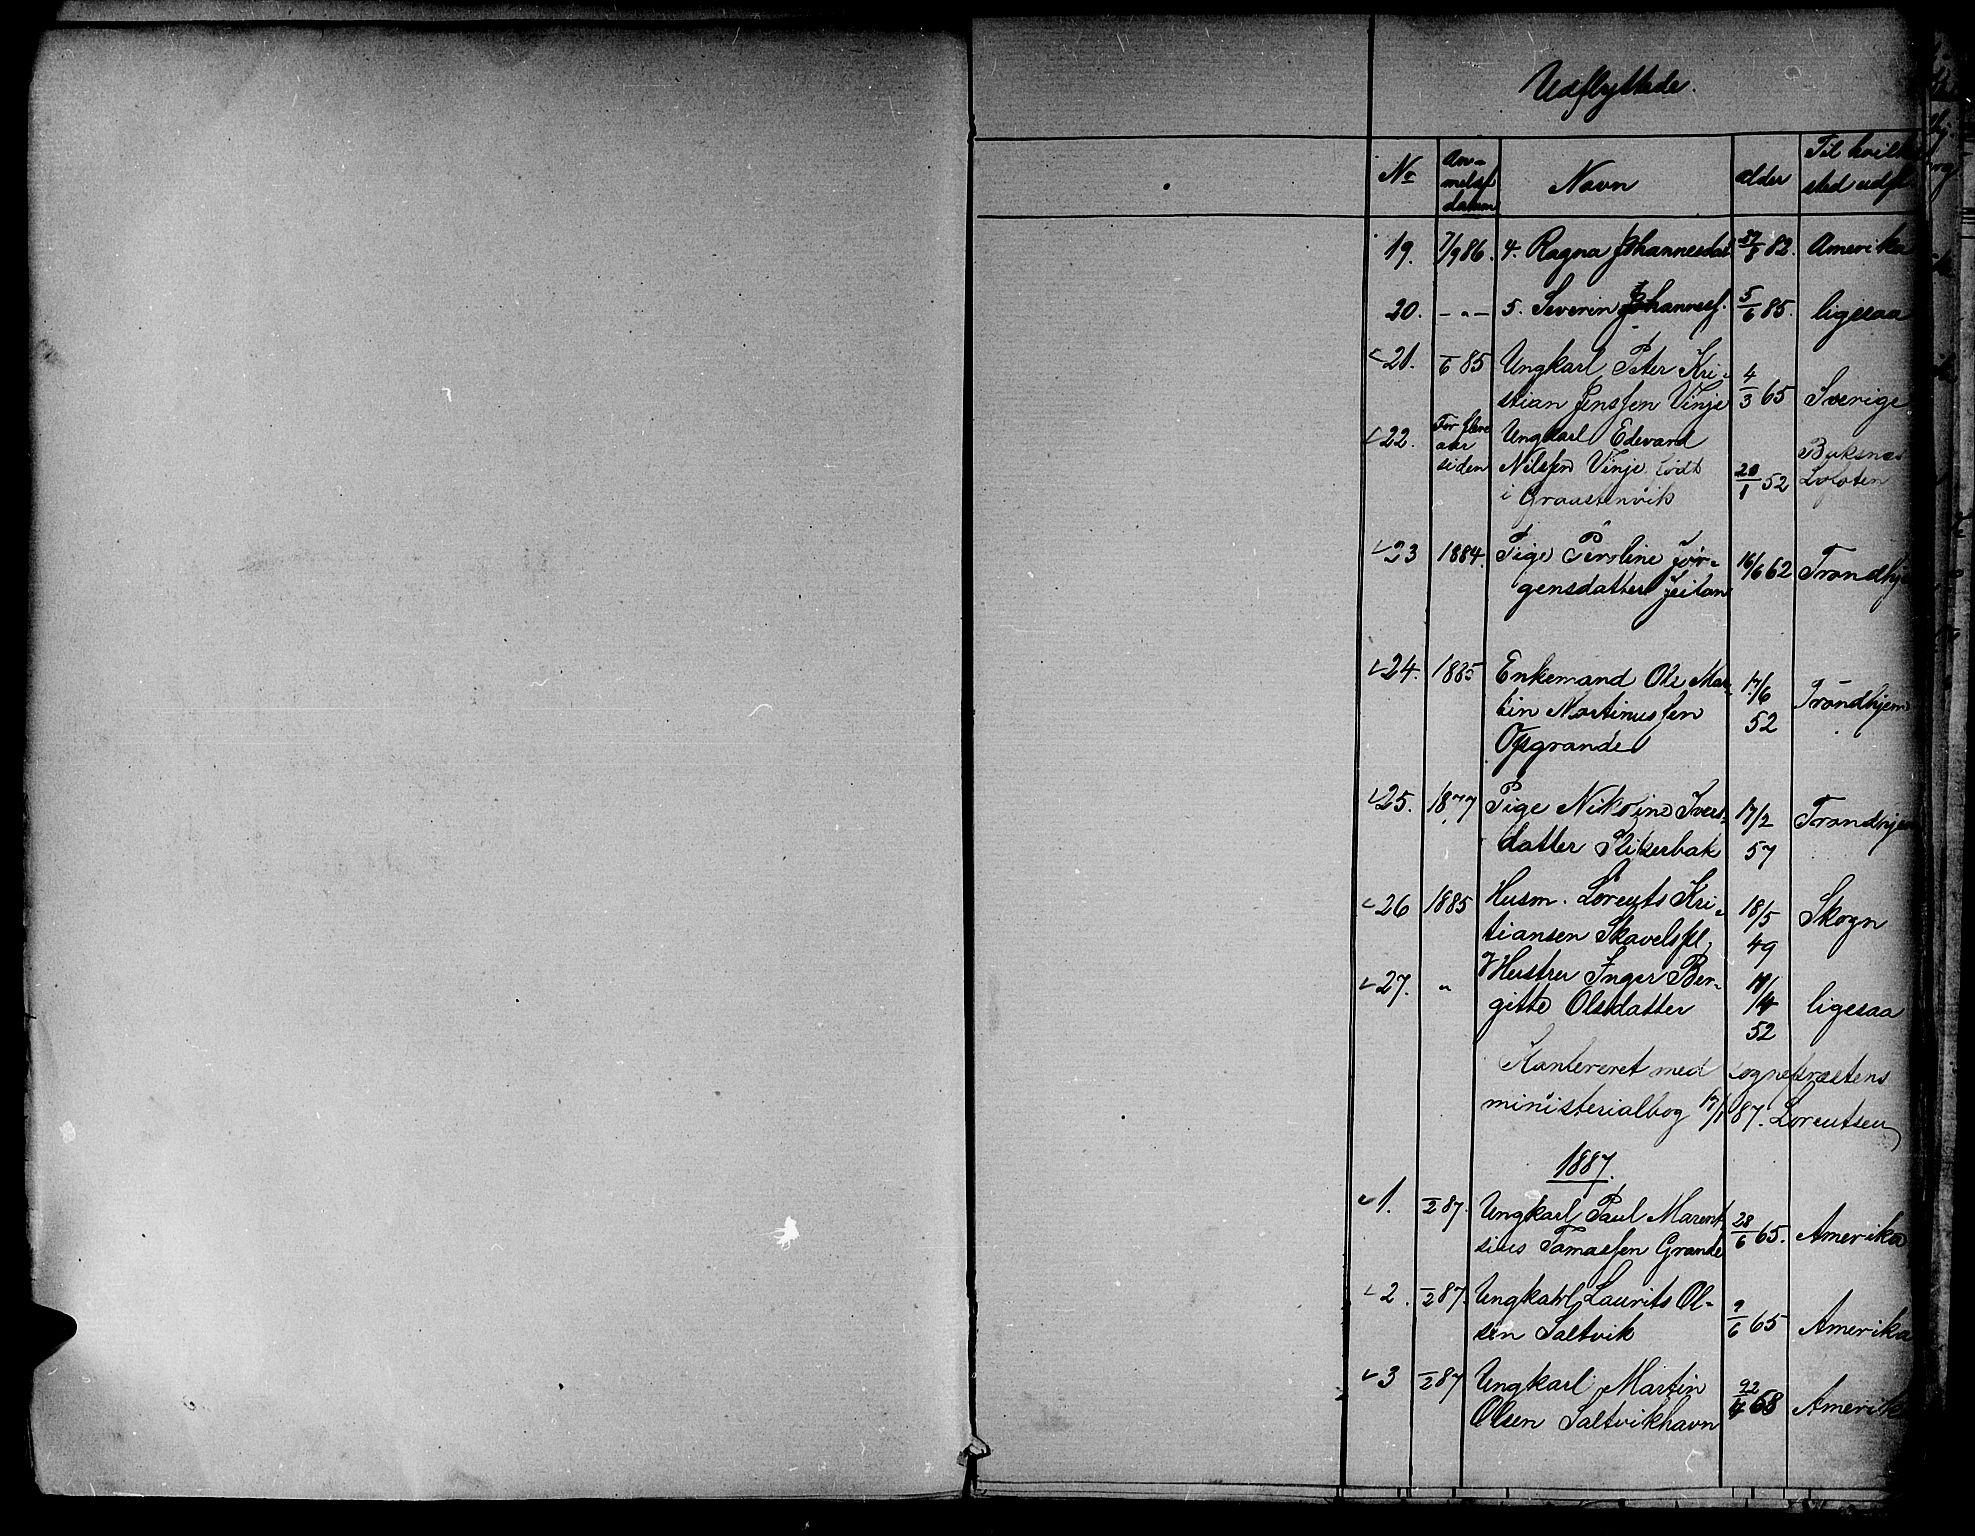 SAT, Ministerialprotokoller, klokkerbøker og fødselsregistre - Nord-Trøndelag, 733/L0326: Klokkerbok nr. 733C01, 1871-1887, s. 196